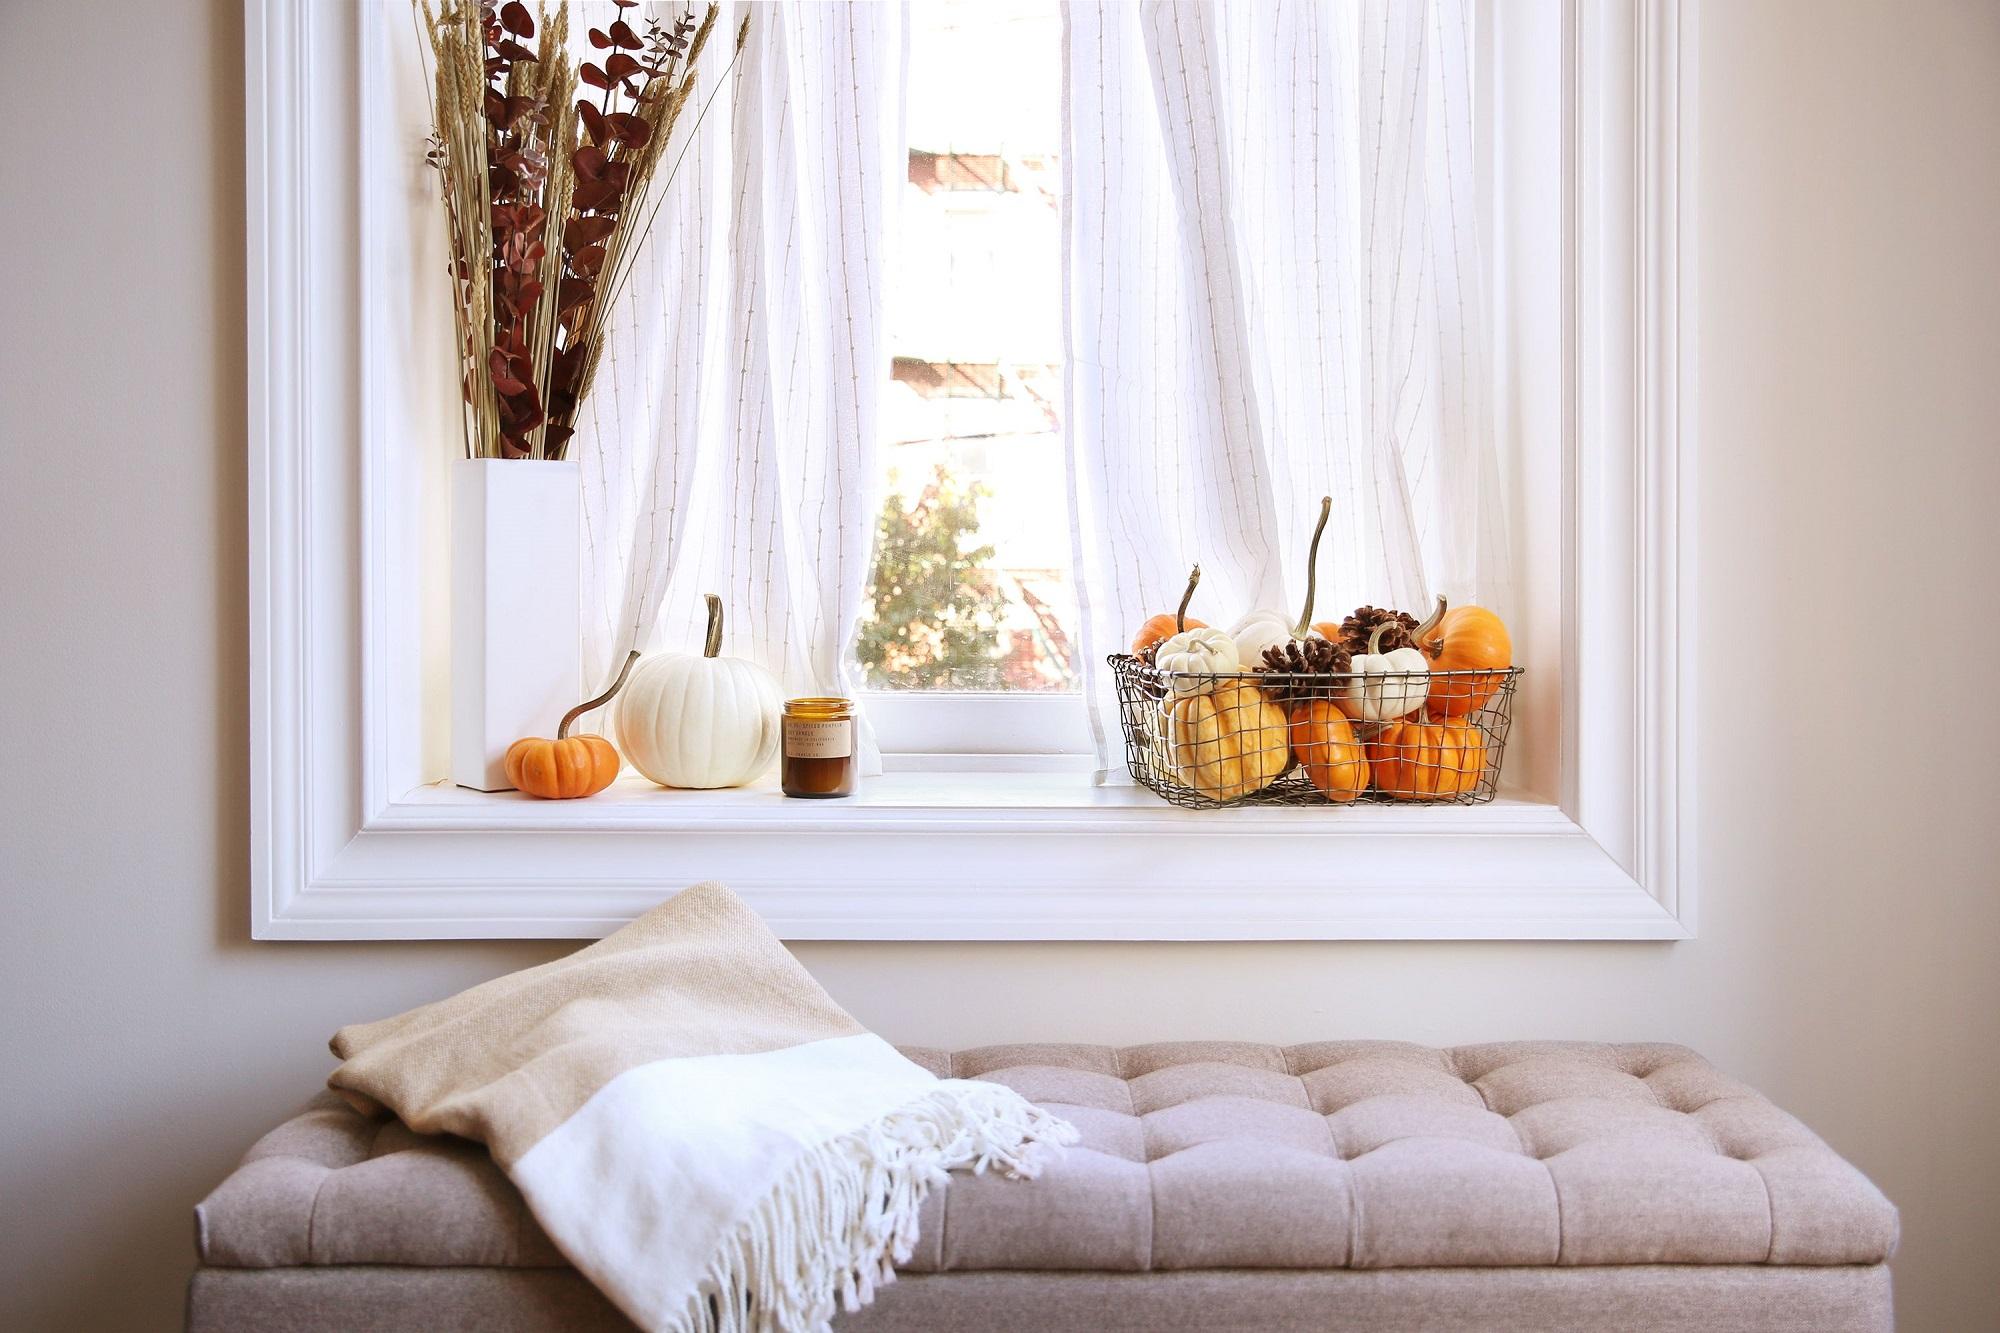 t3-75 Idées de décoration de Thanksgiving qui donneront une belle apparence à votre maison